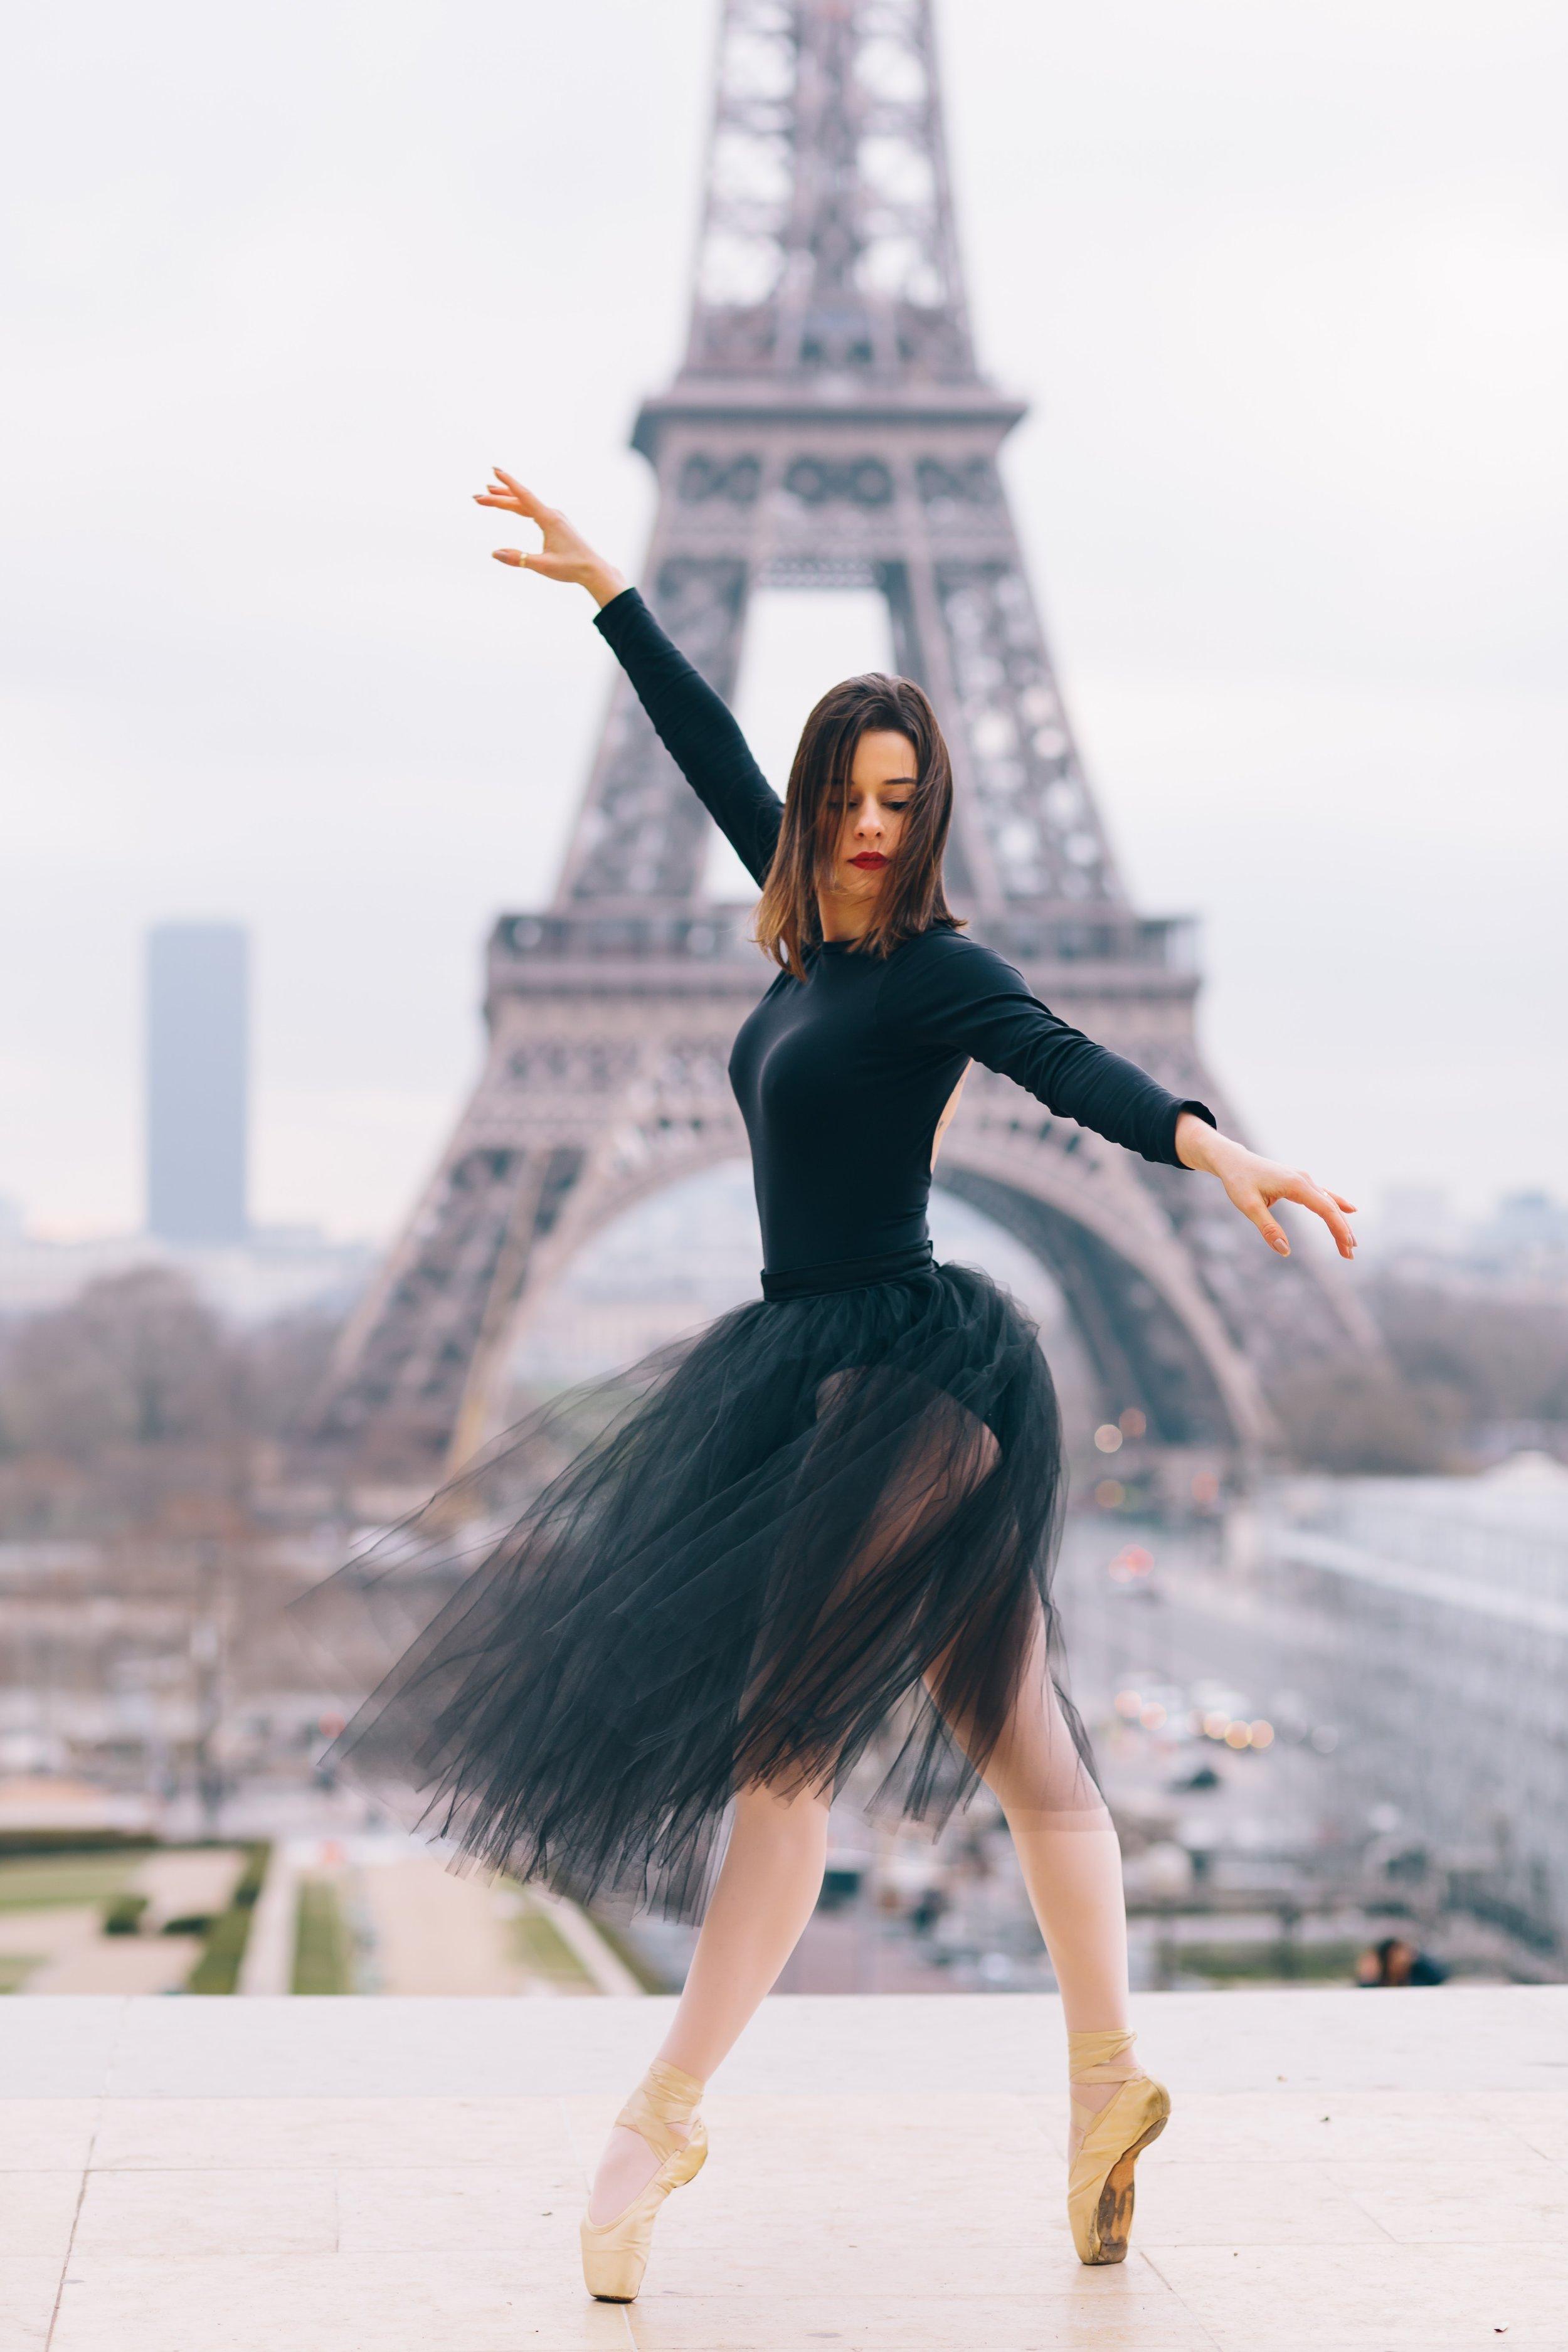 balance-ballet-dancer-dance-1929039.jpg